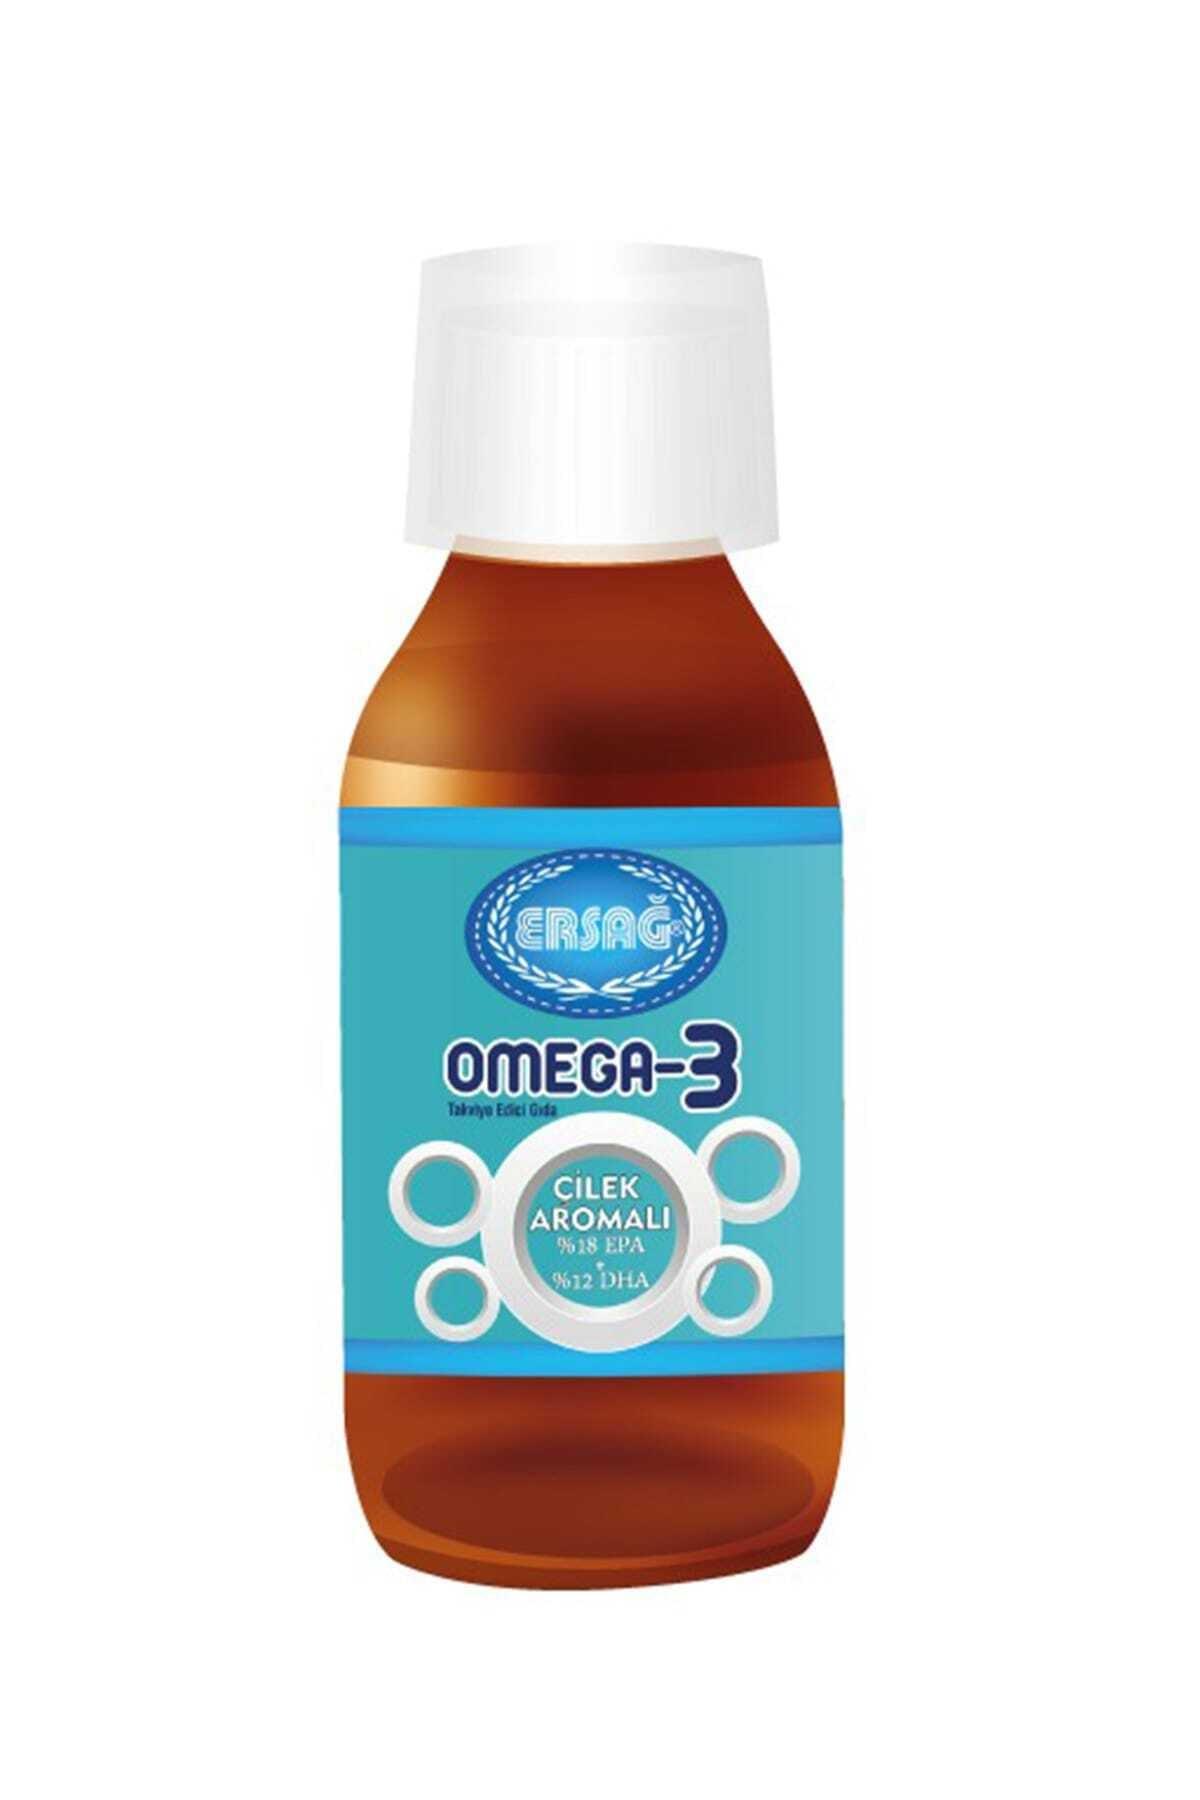 Ersağ Omega 3 Sıvı (Çılek Aromalı) 1